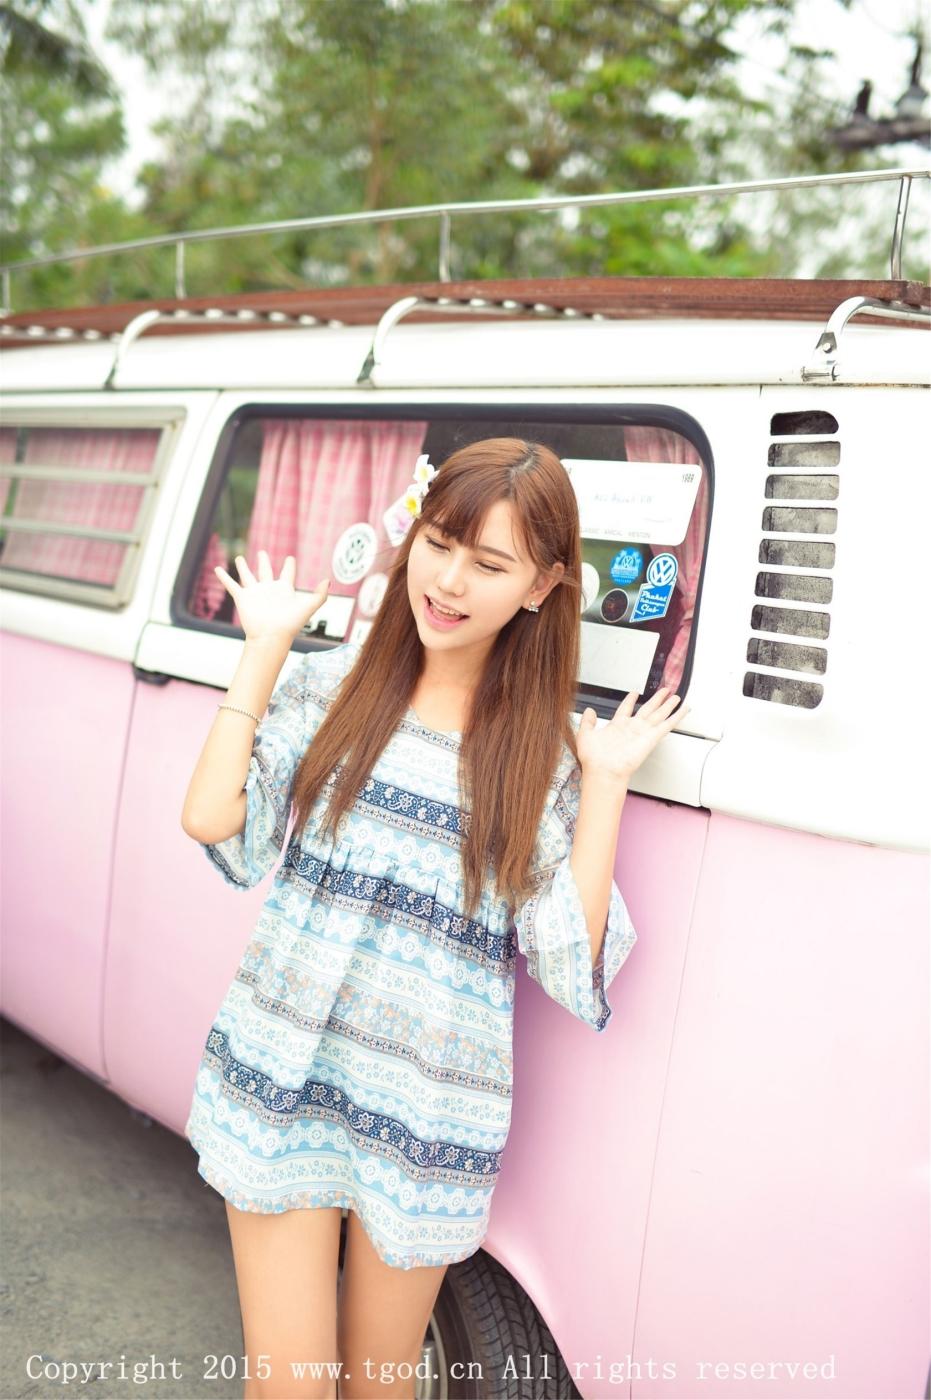 萌妹子Milk楚楚普吉岛旅拍小清新卡哇伊连衣裙美女图片